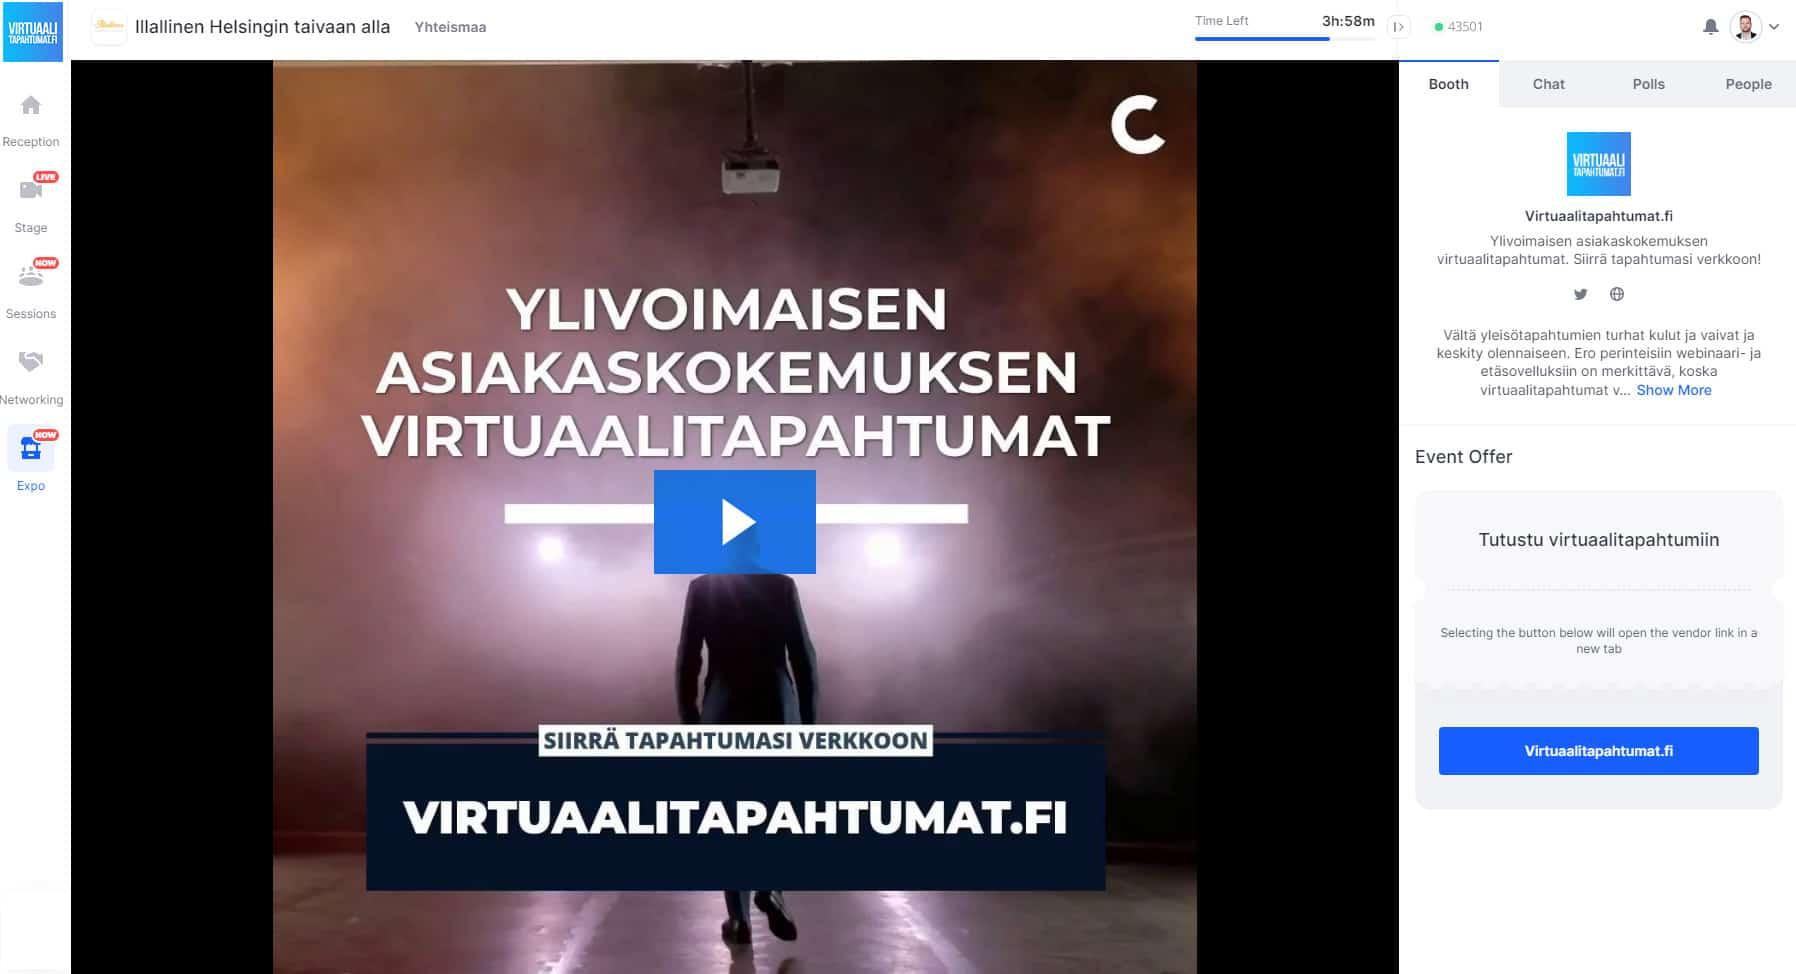 Virtuaalitapahtuma messuosasto